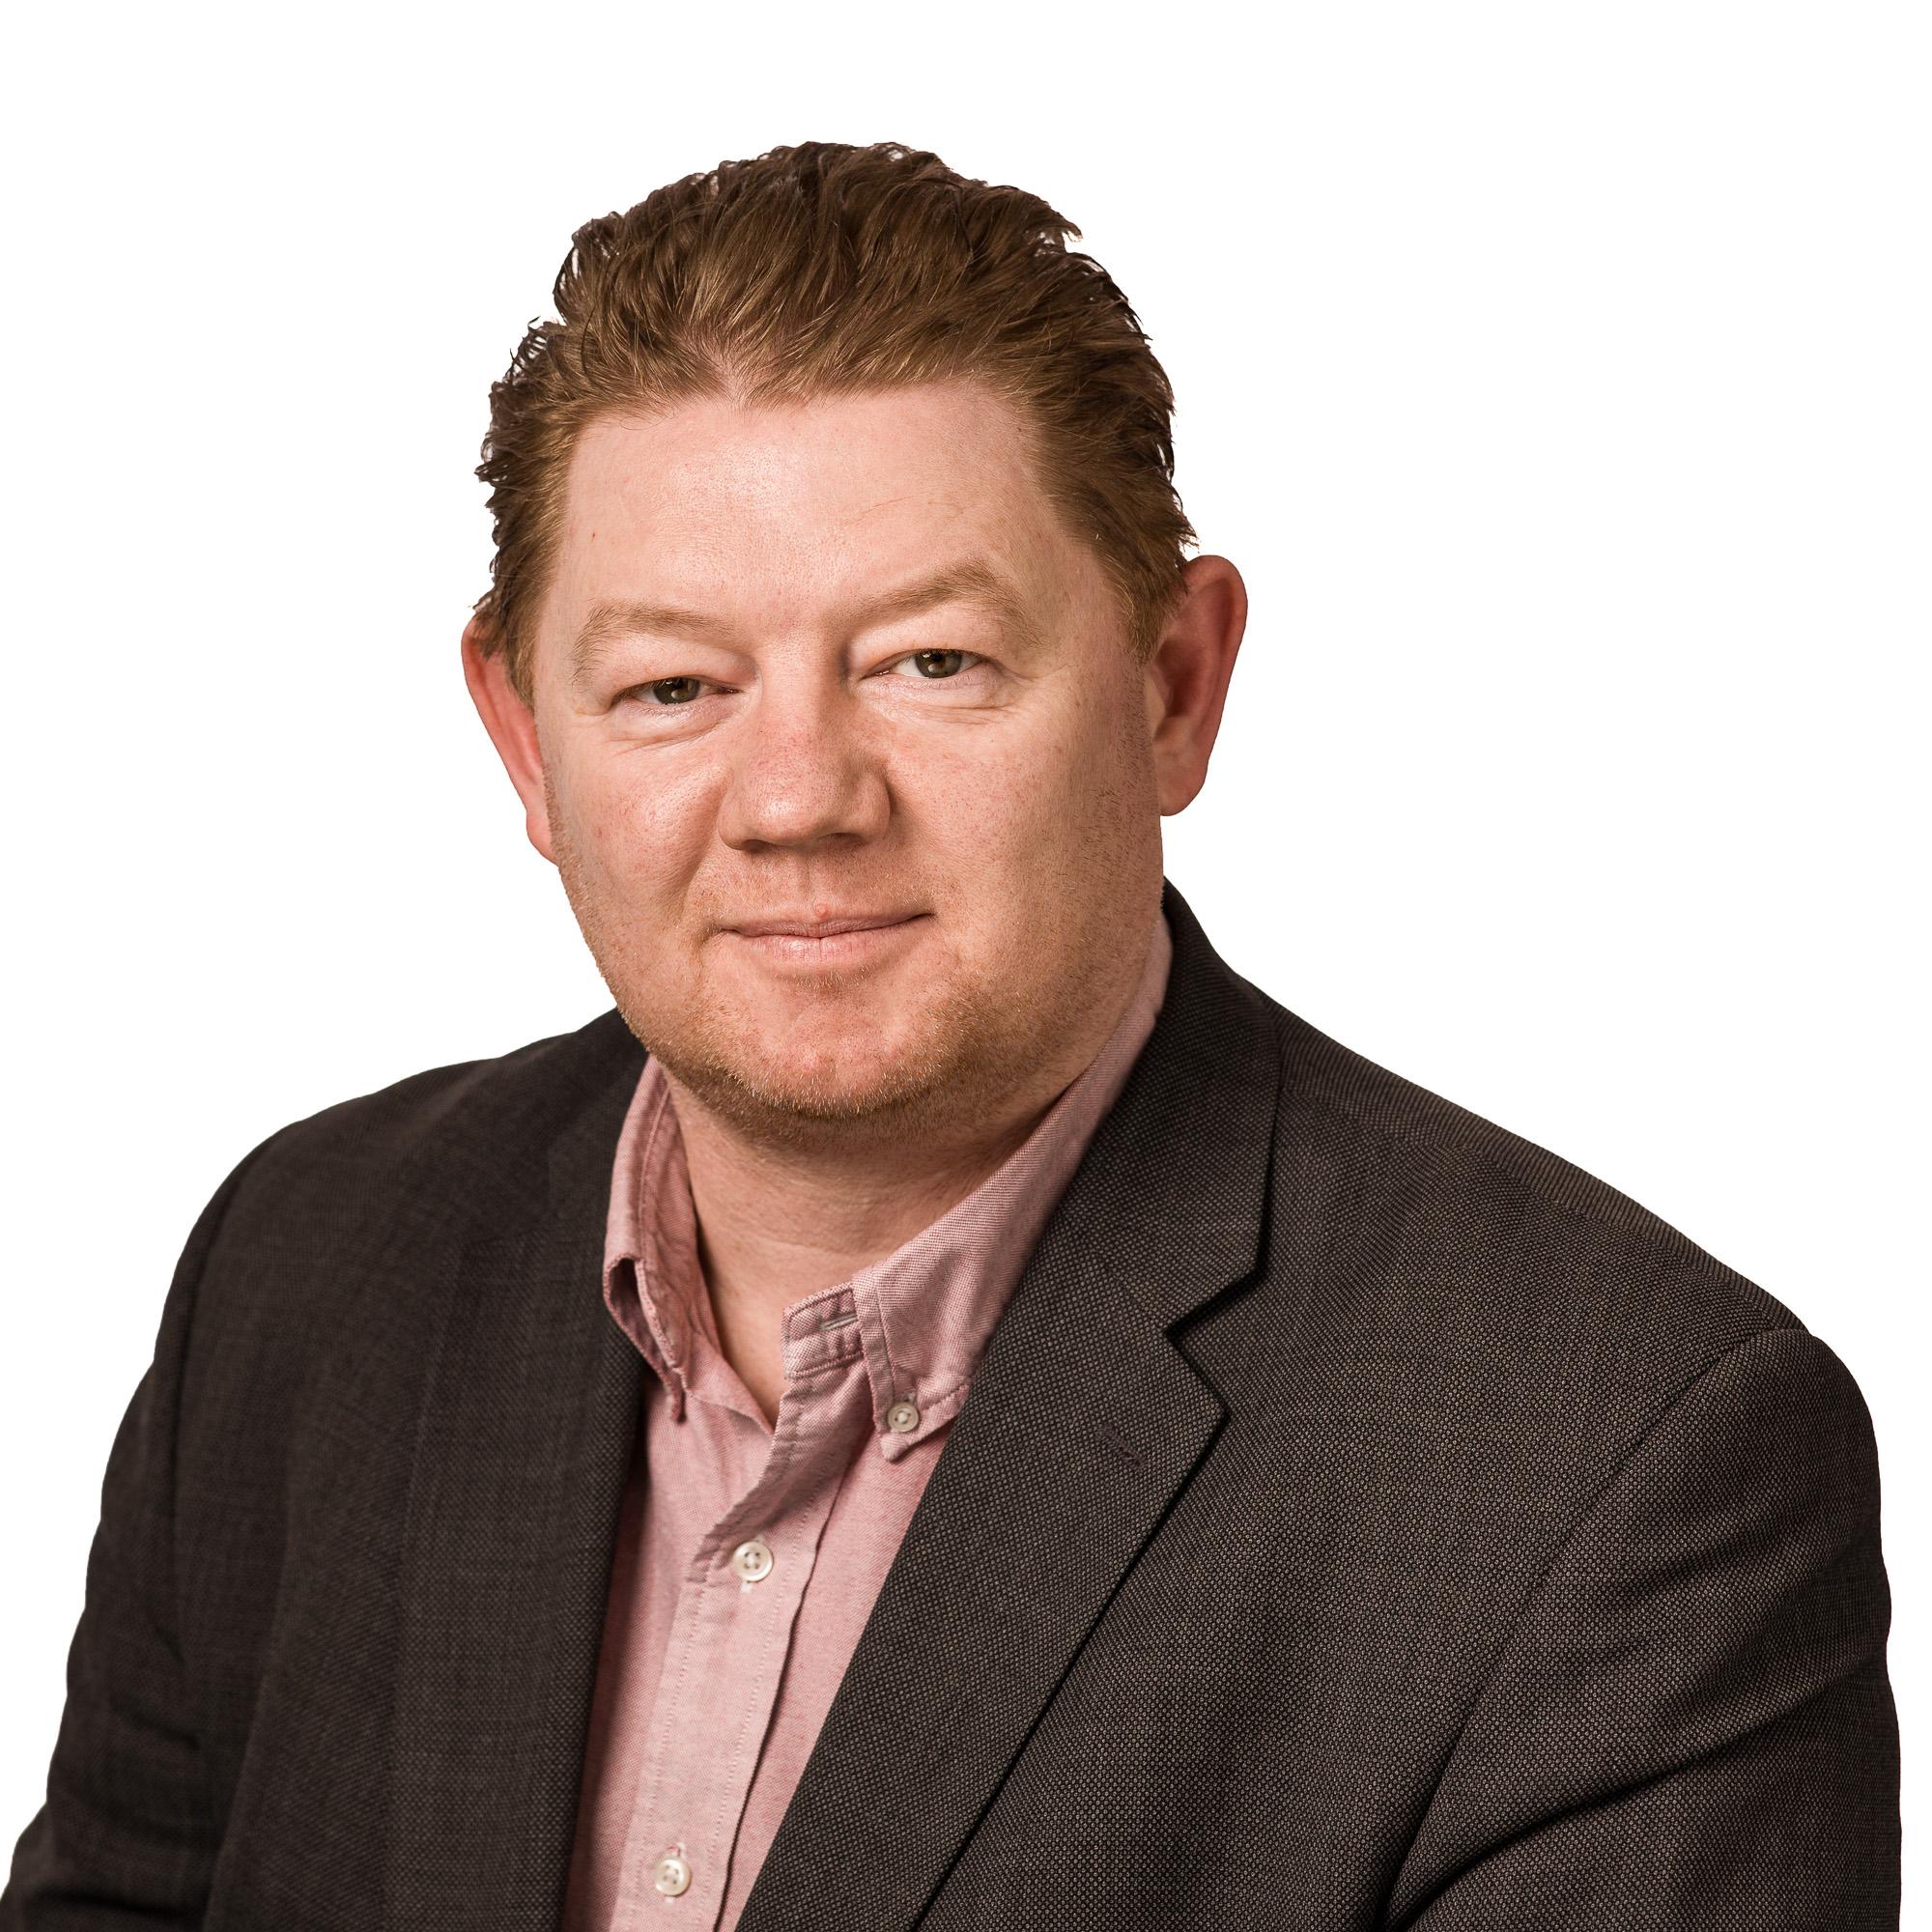 Colin Kirwan